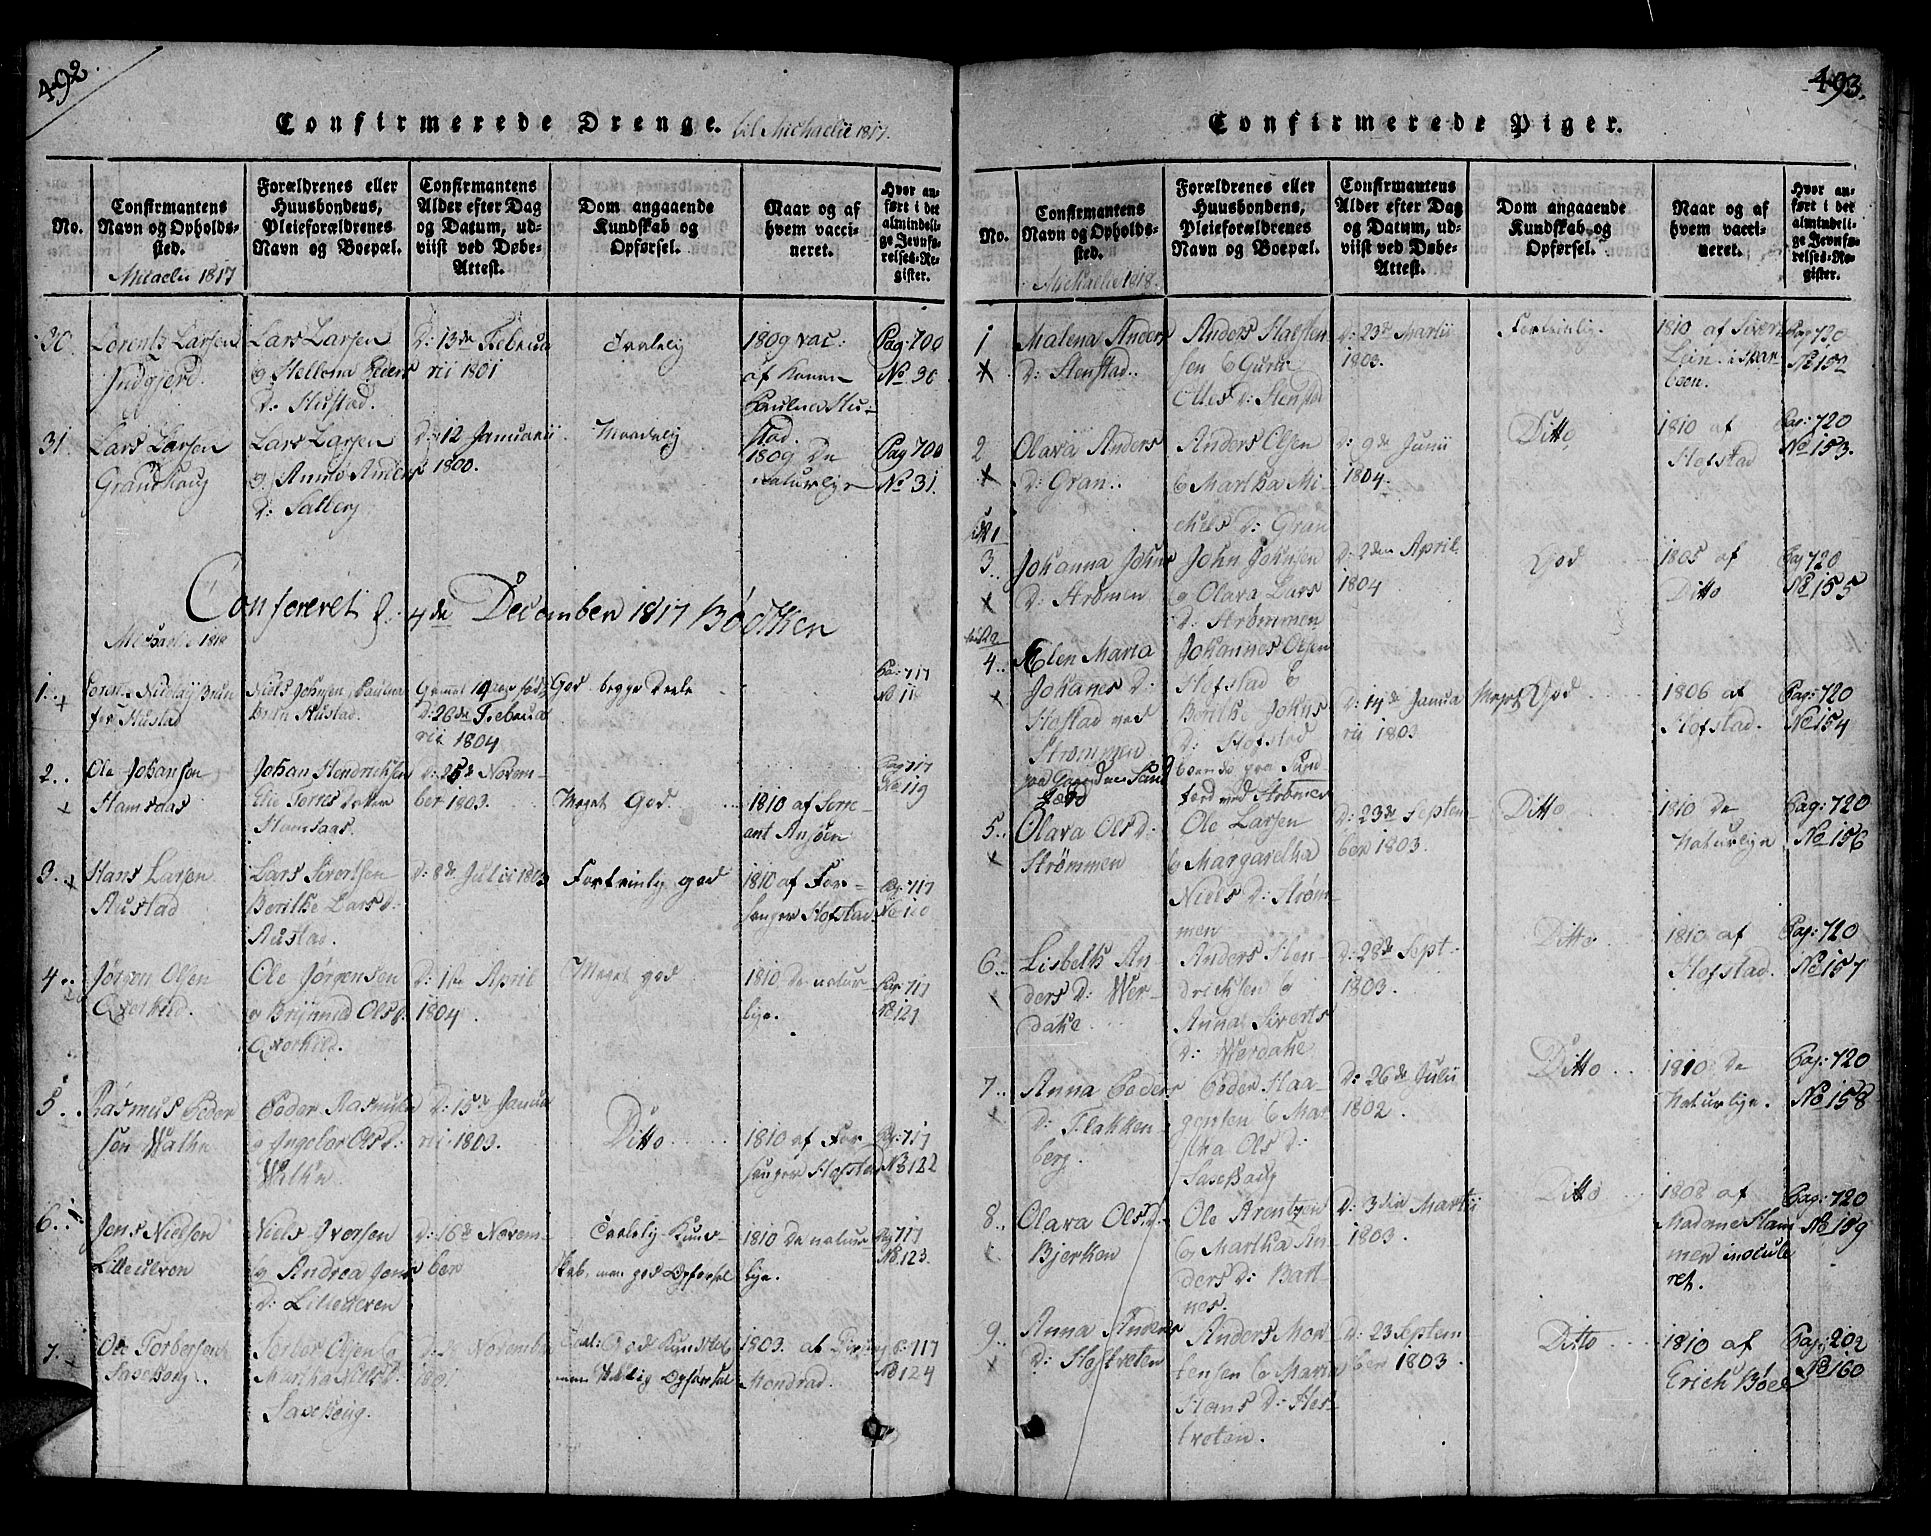 SAT, Ministerialprotokoller, klokkerbøker og fødselsregistre - Nord-Trøndelag, 730/L0275: Ministerialbok nr. 730A04, 1816-1822, s. 492-493